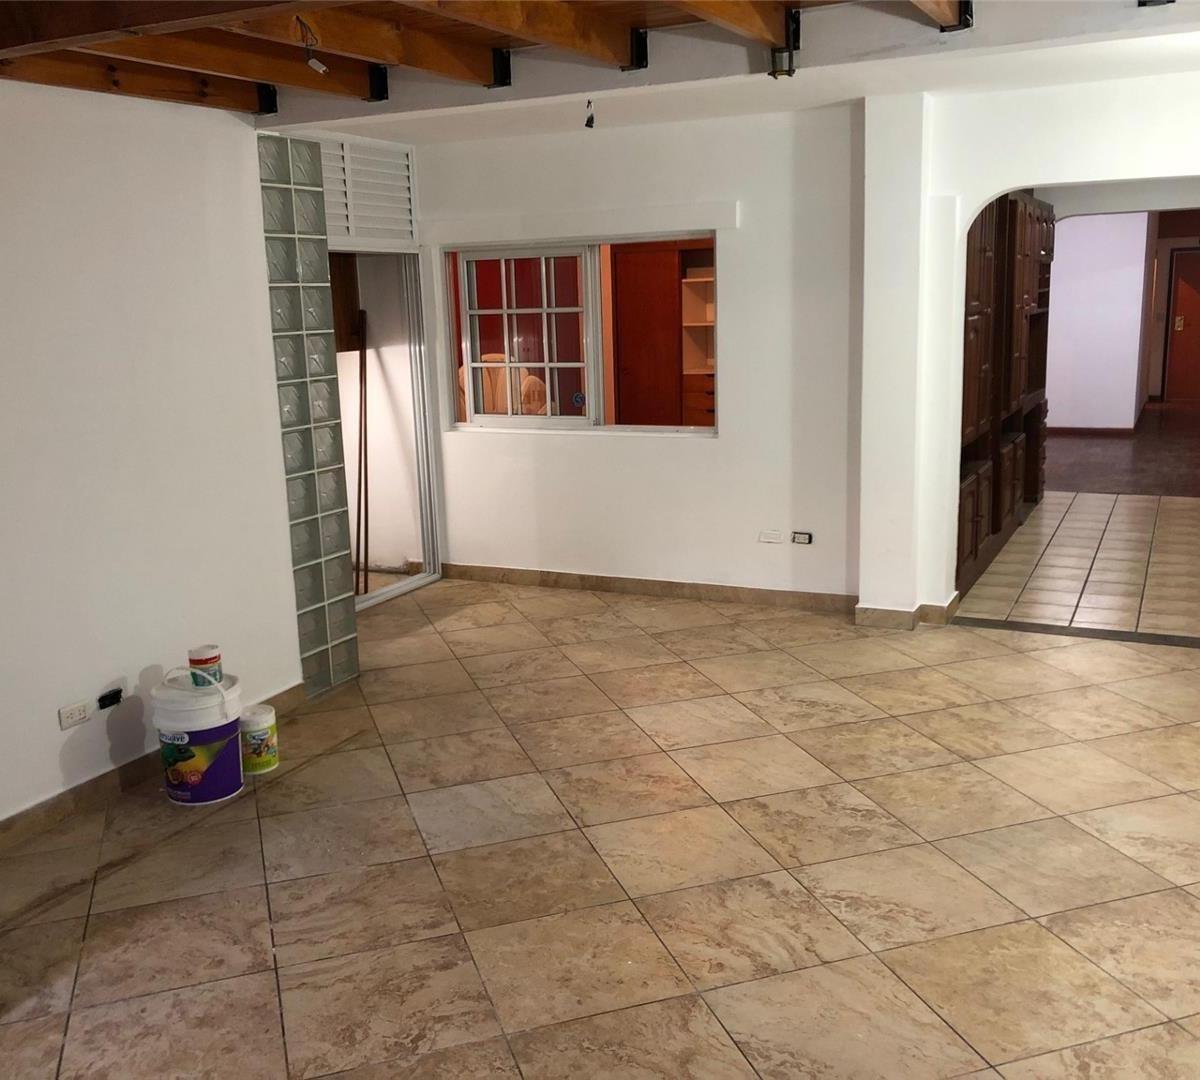 ph - 4 amb - planta baja interno - patio y fondo - con renta